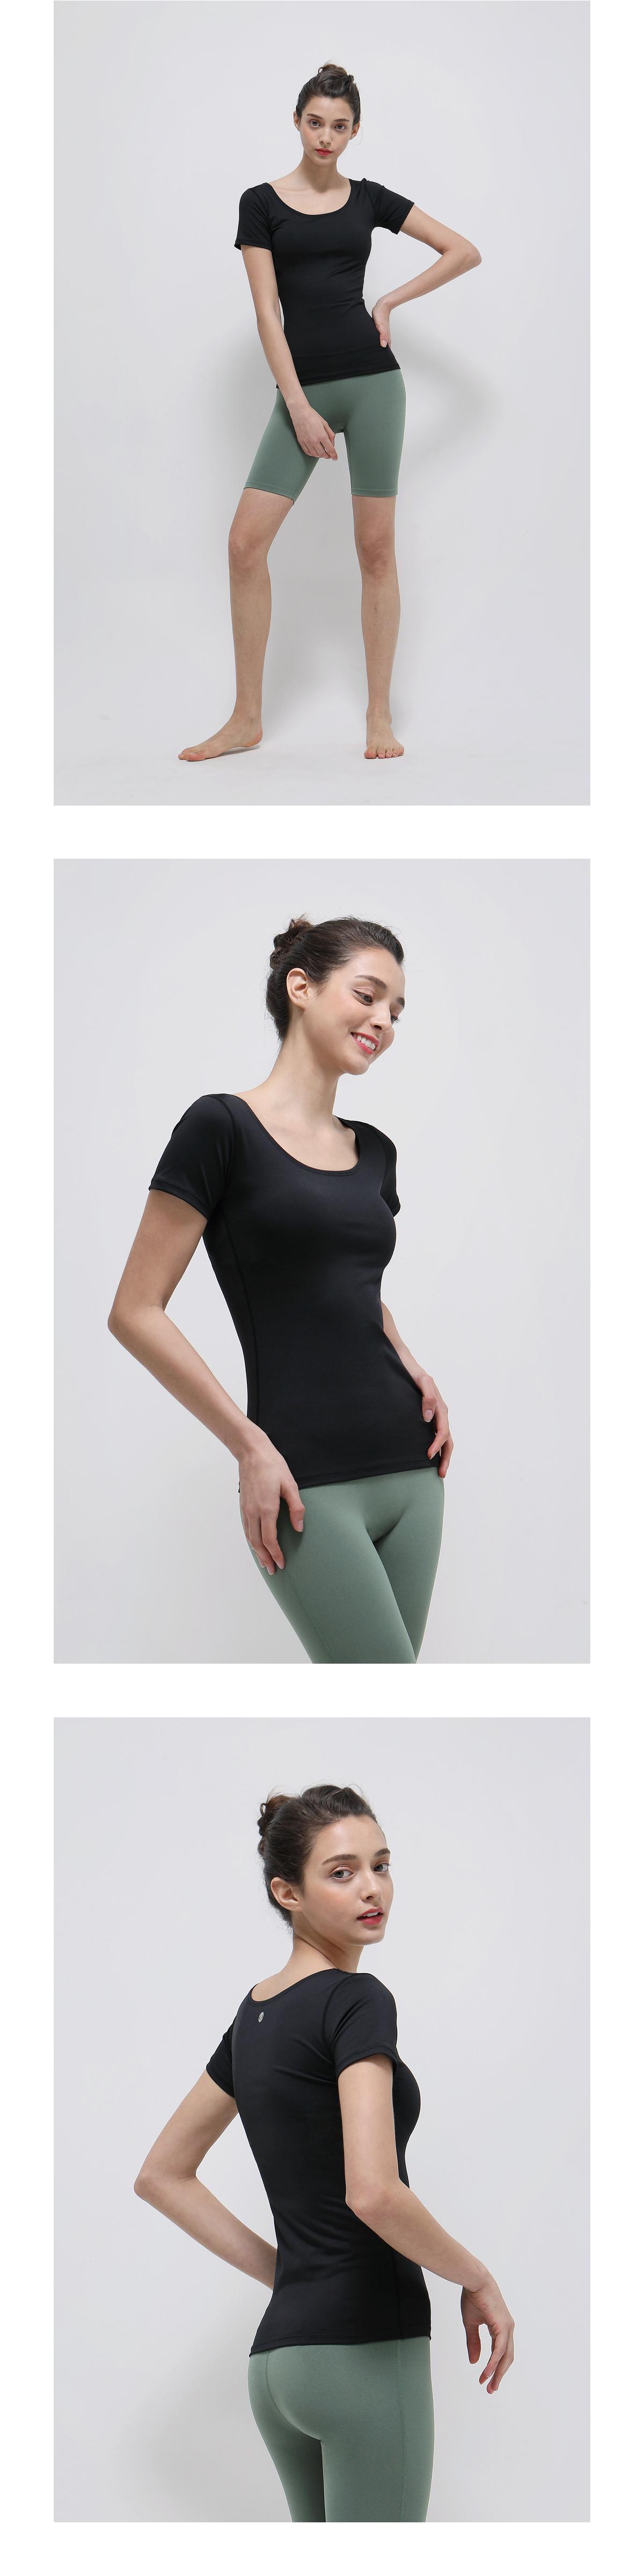 데비웨어(DEVIWEAR) 여성 요가복 DEVI-T0016-에쉬네이비 필라테스 티셔츠 반팔 U넥